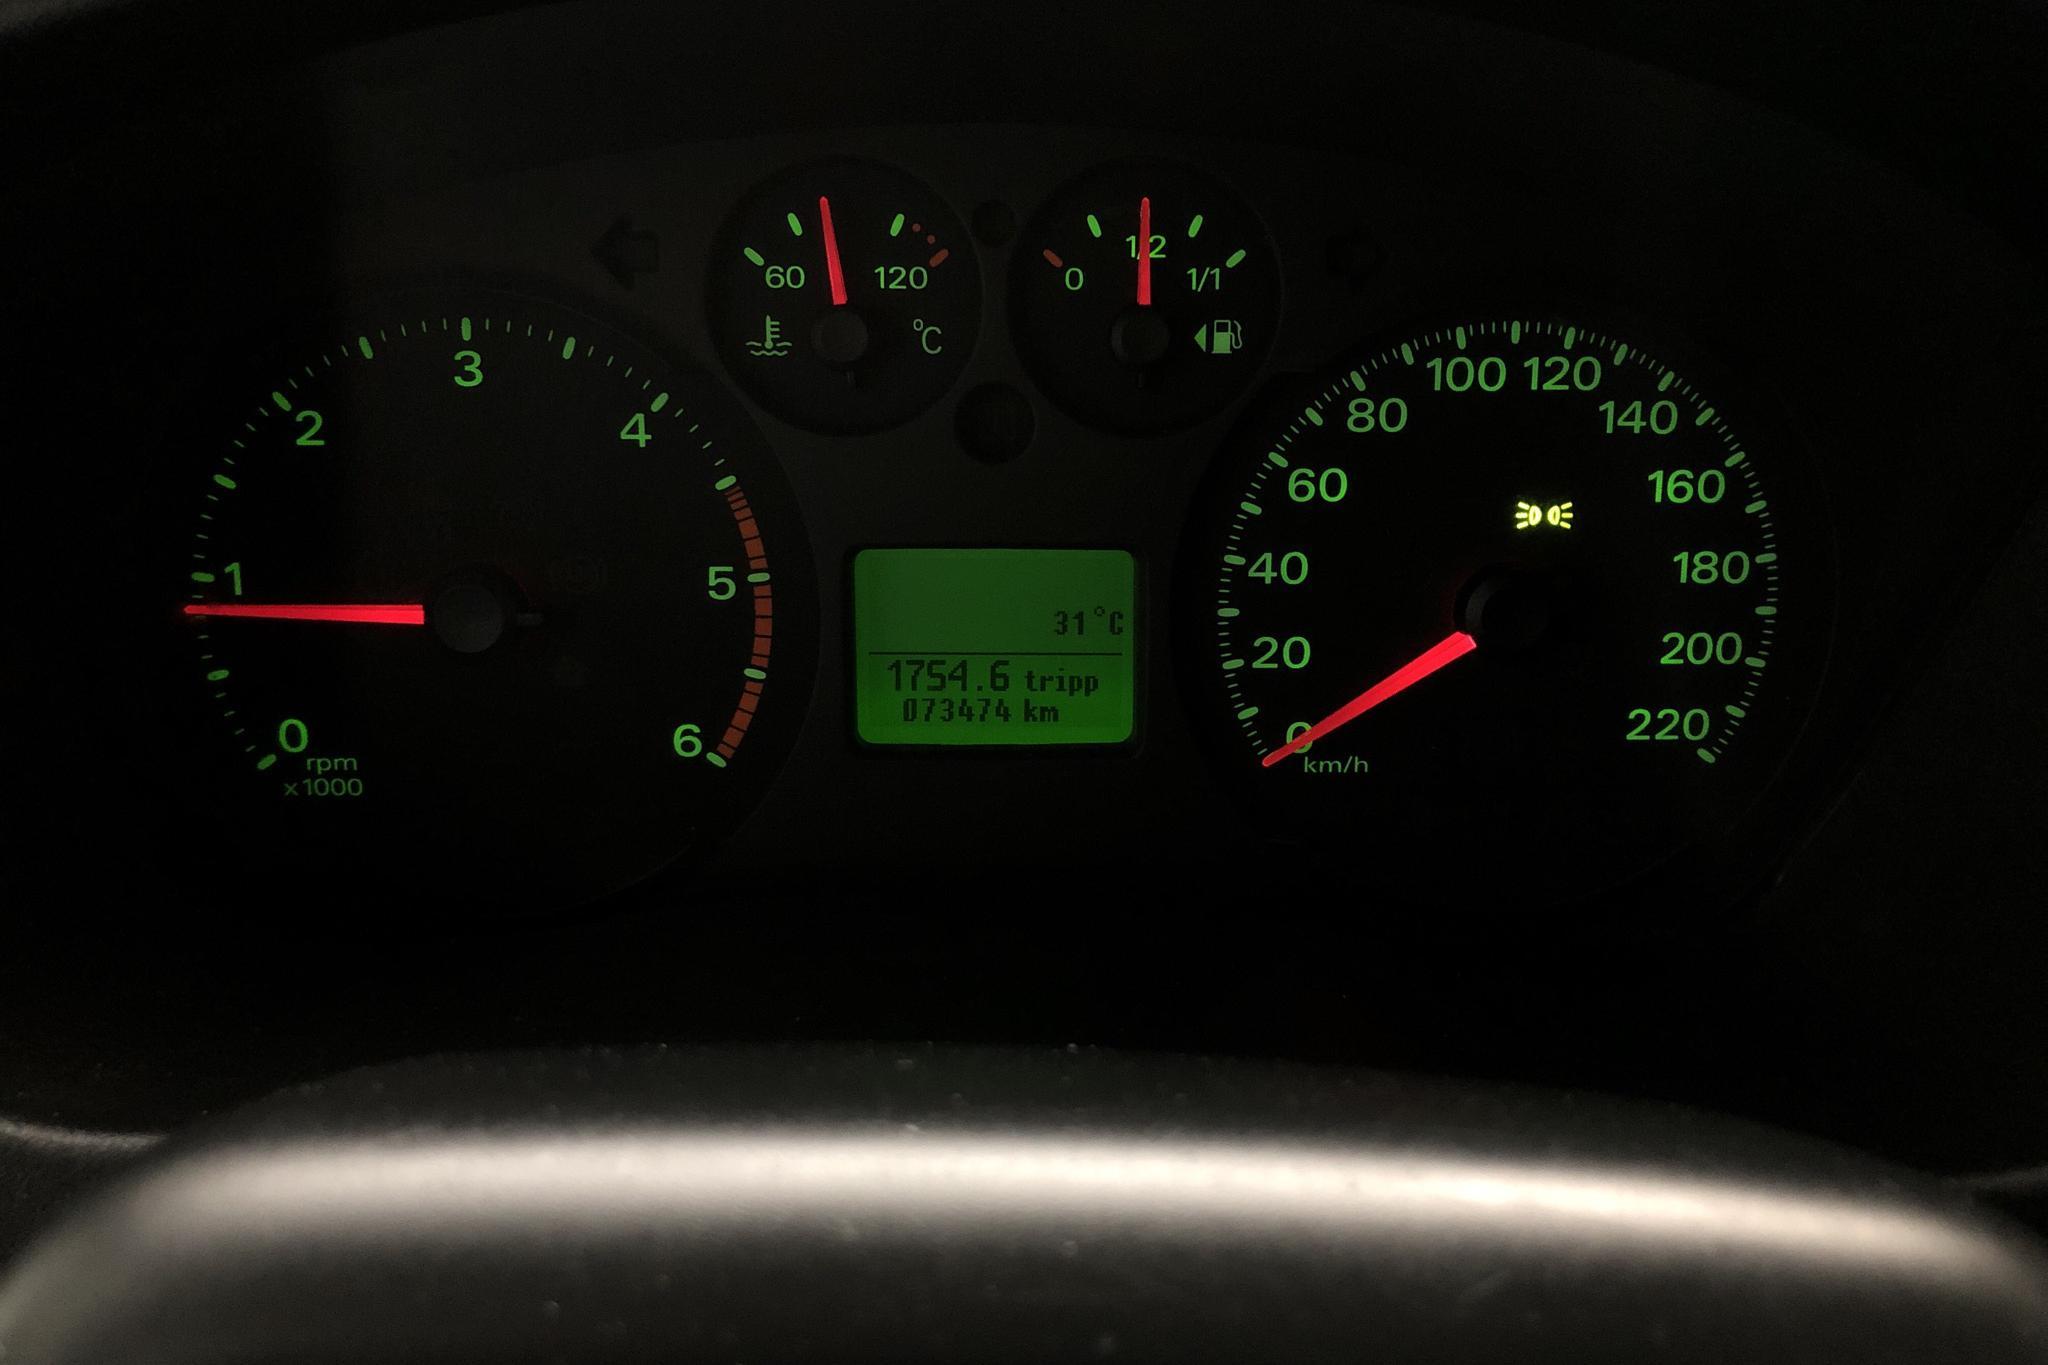 Ford Transit 350 2.2 TDCi Pickup (125hk) - 73 460 km - Manual - white - 2013